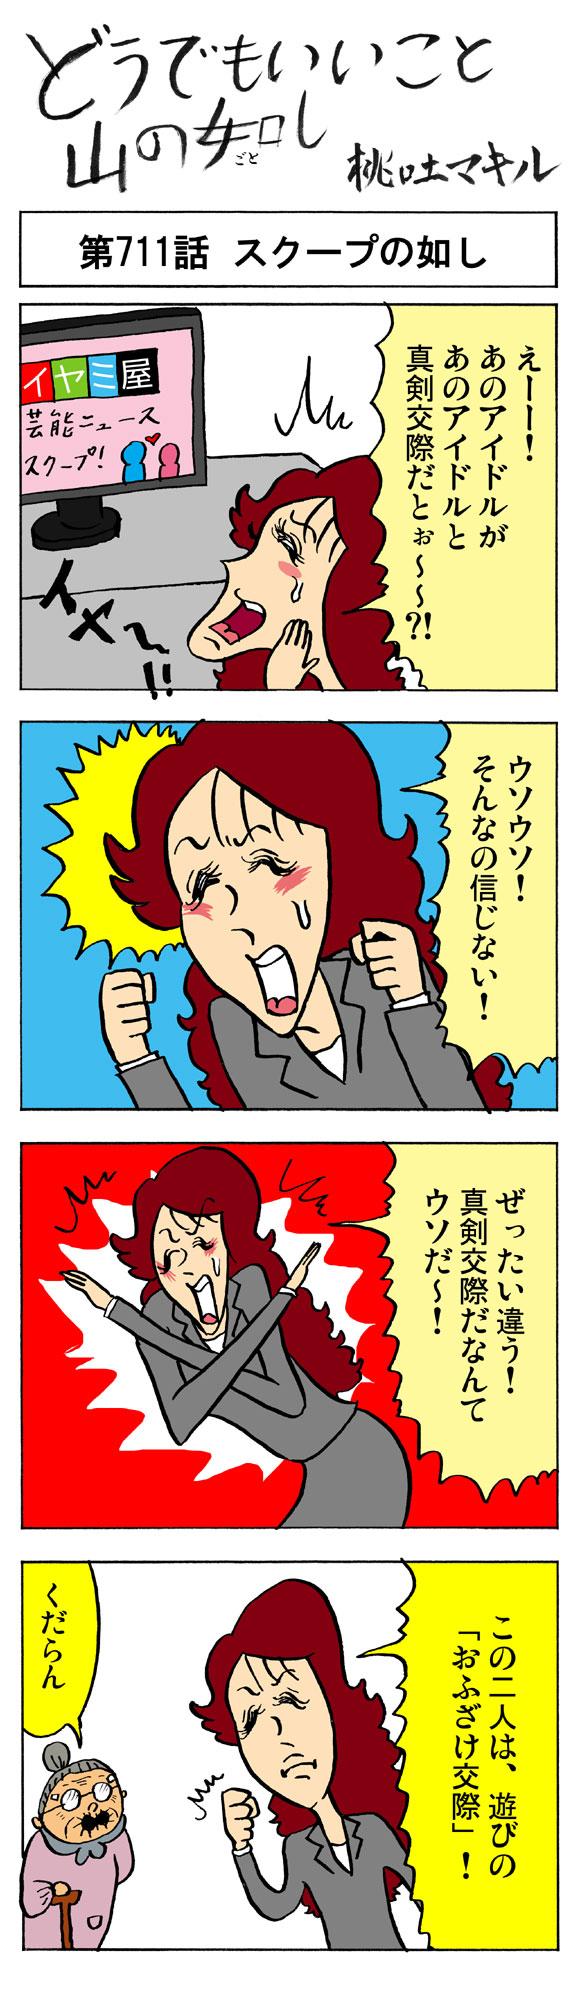 【4コマ】アイドルの交際が発覚! そのときファンは……